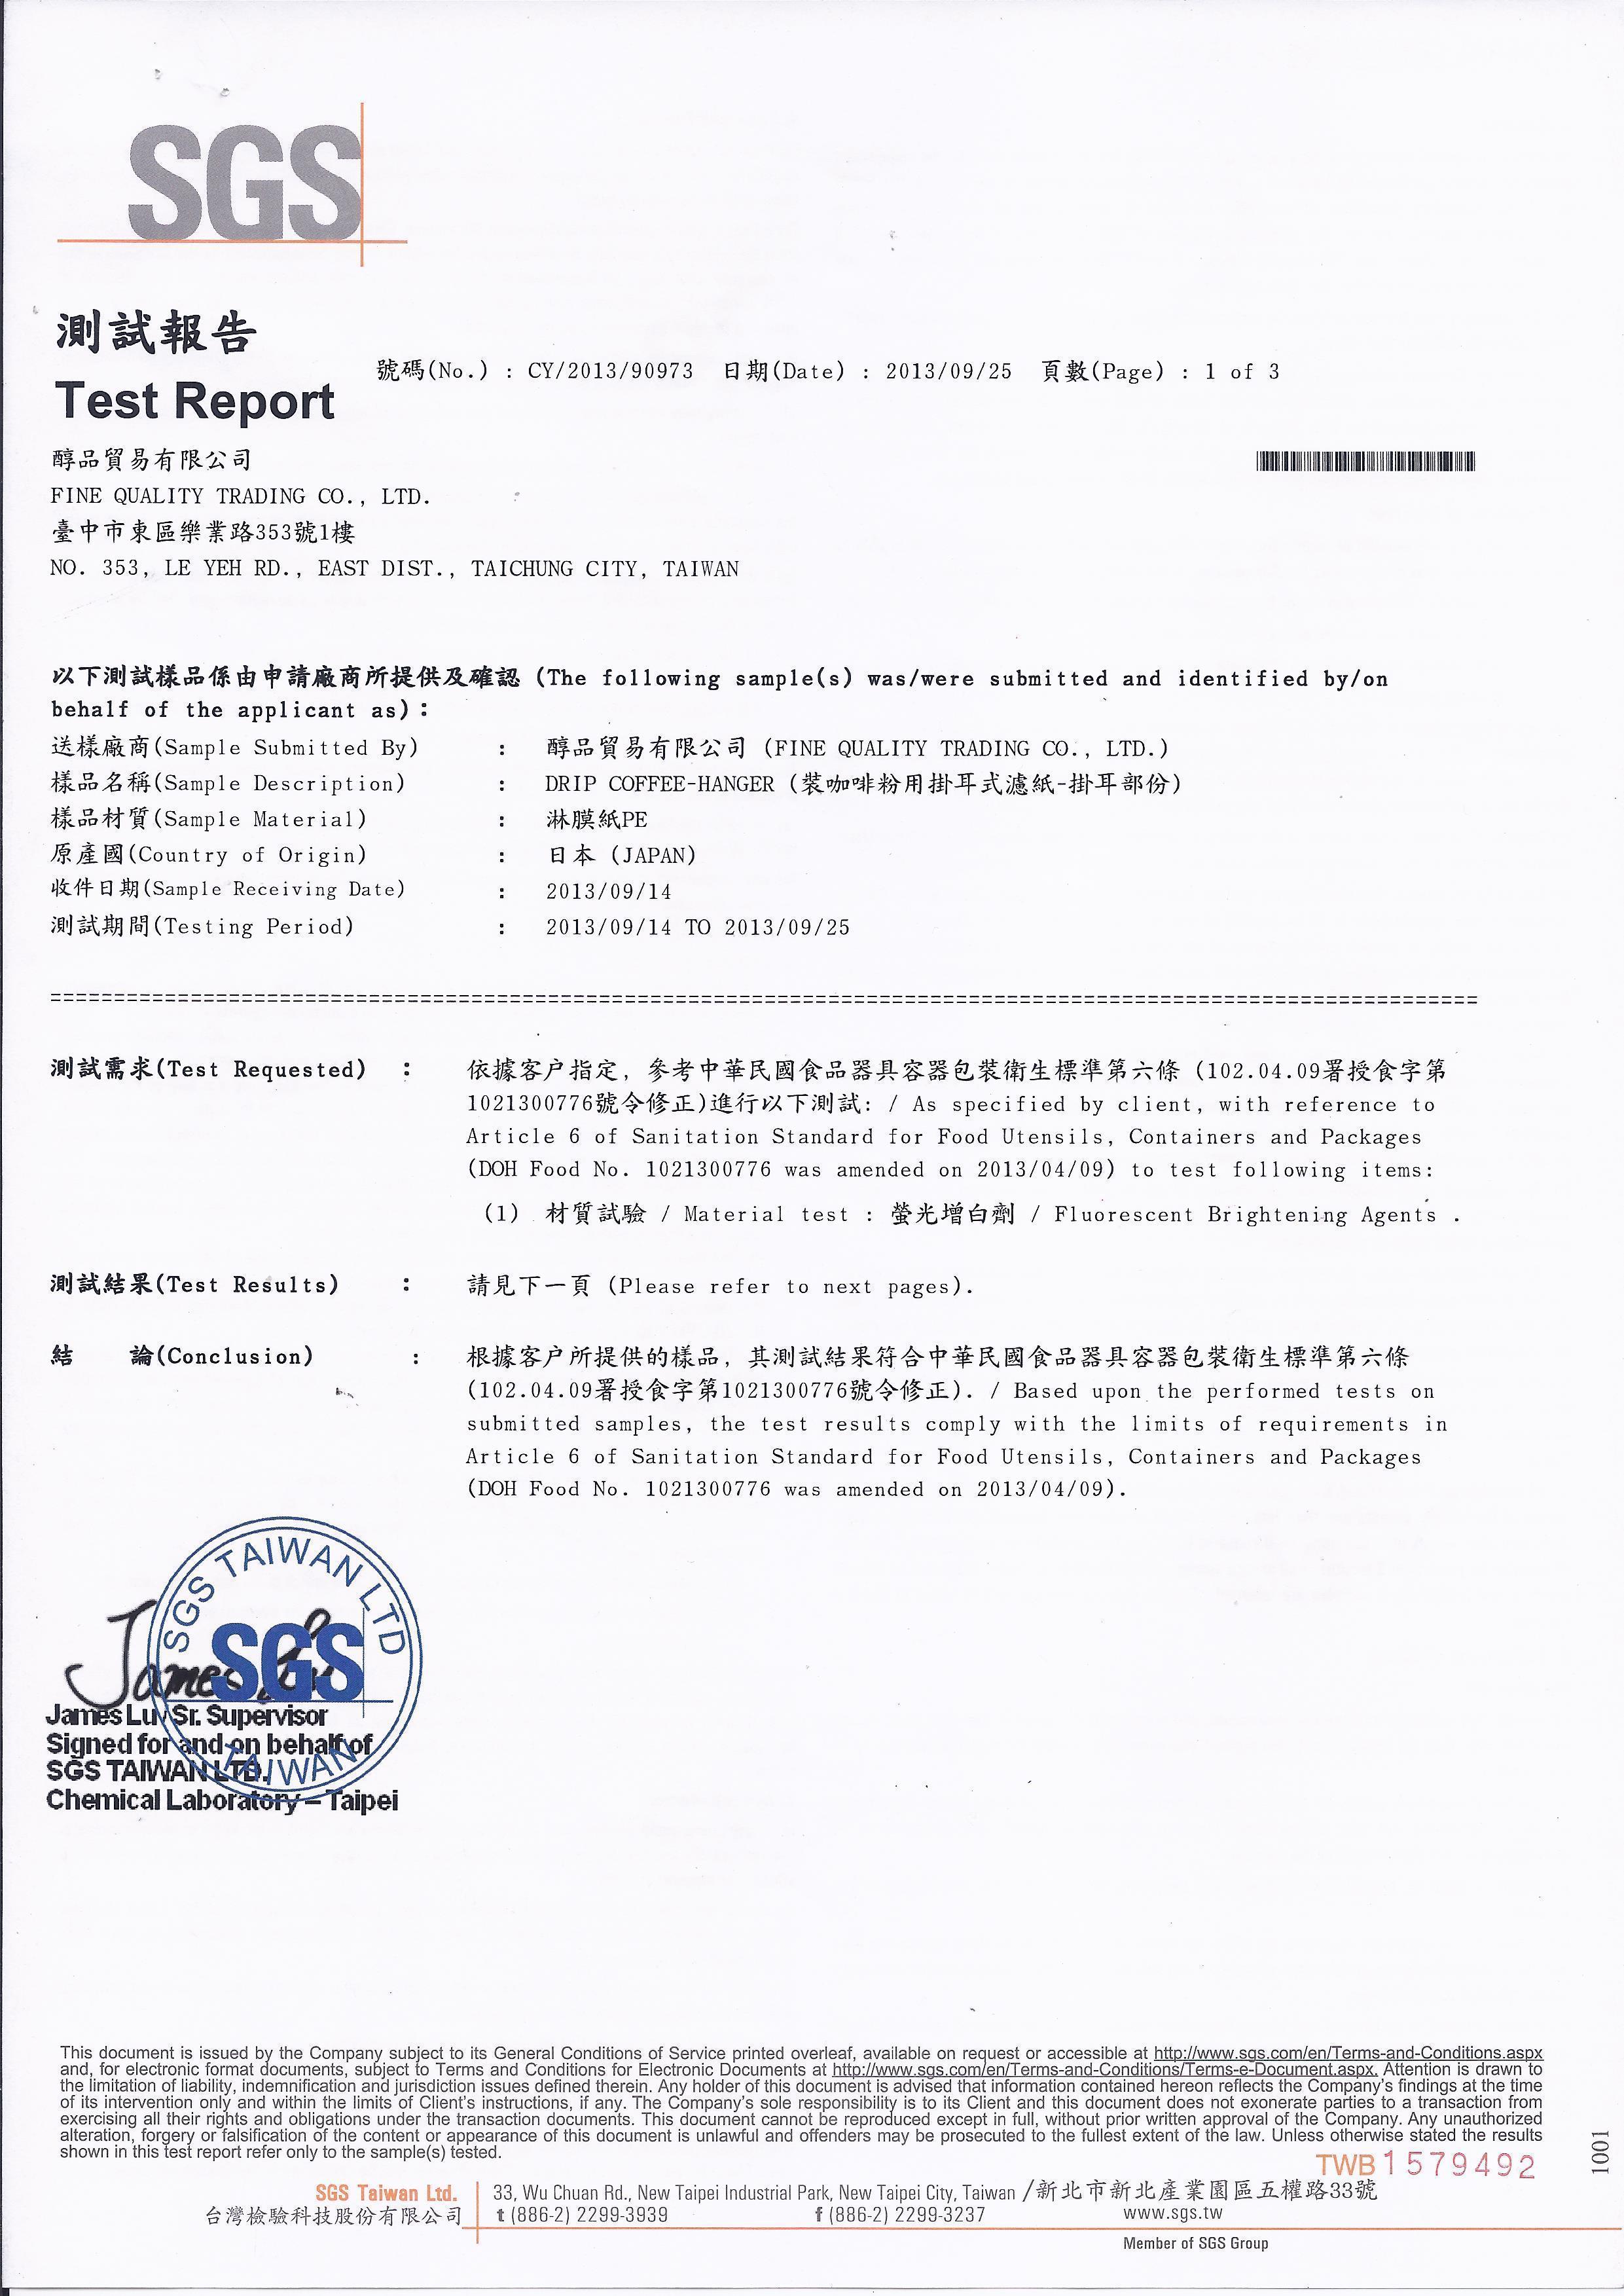 20130926-醇品-SGS測試報告-掛耳1 of 3